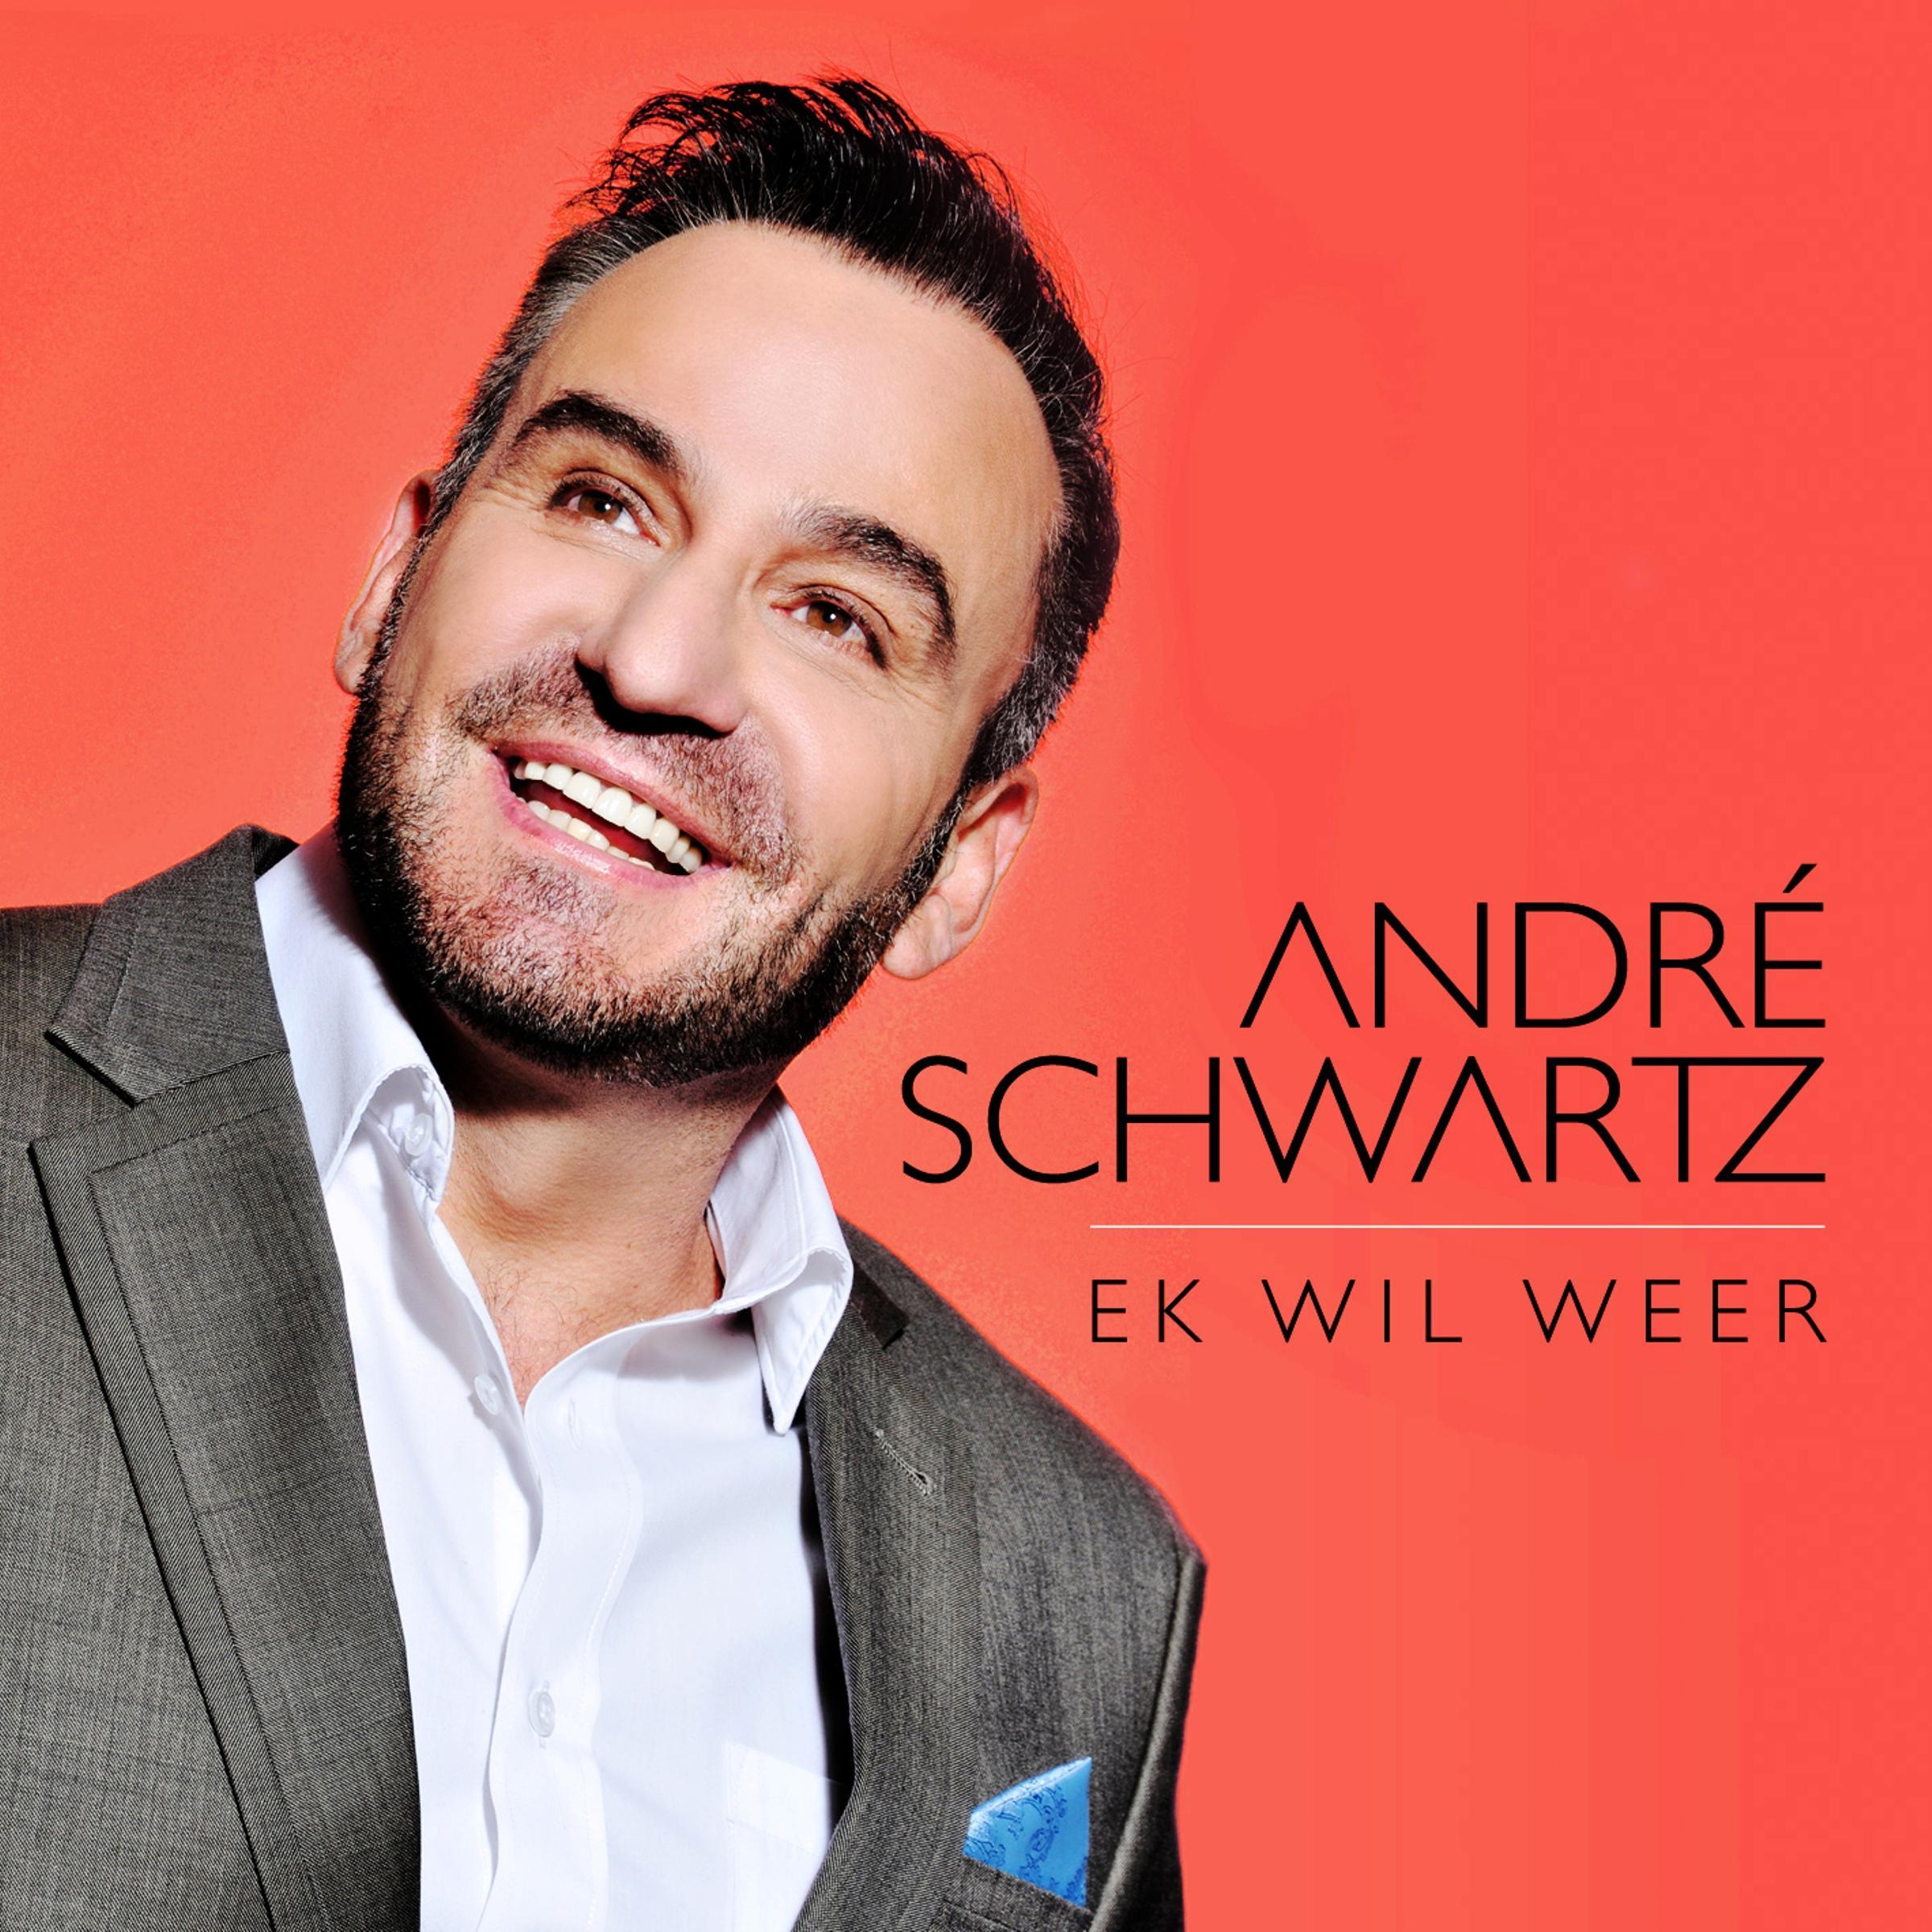 ANDRE SCHWARTZ